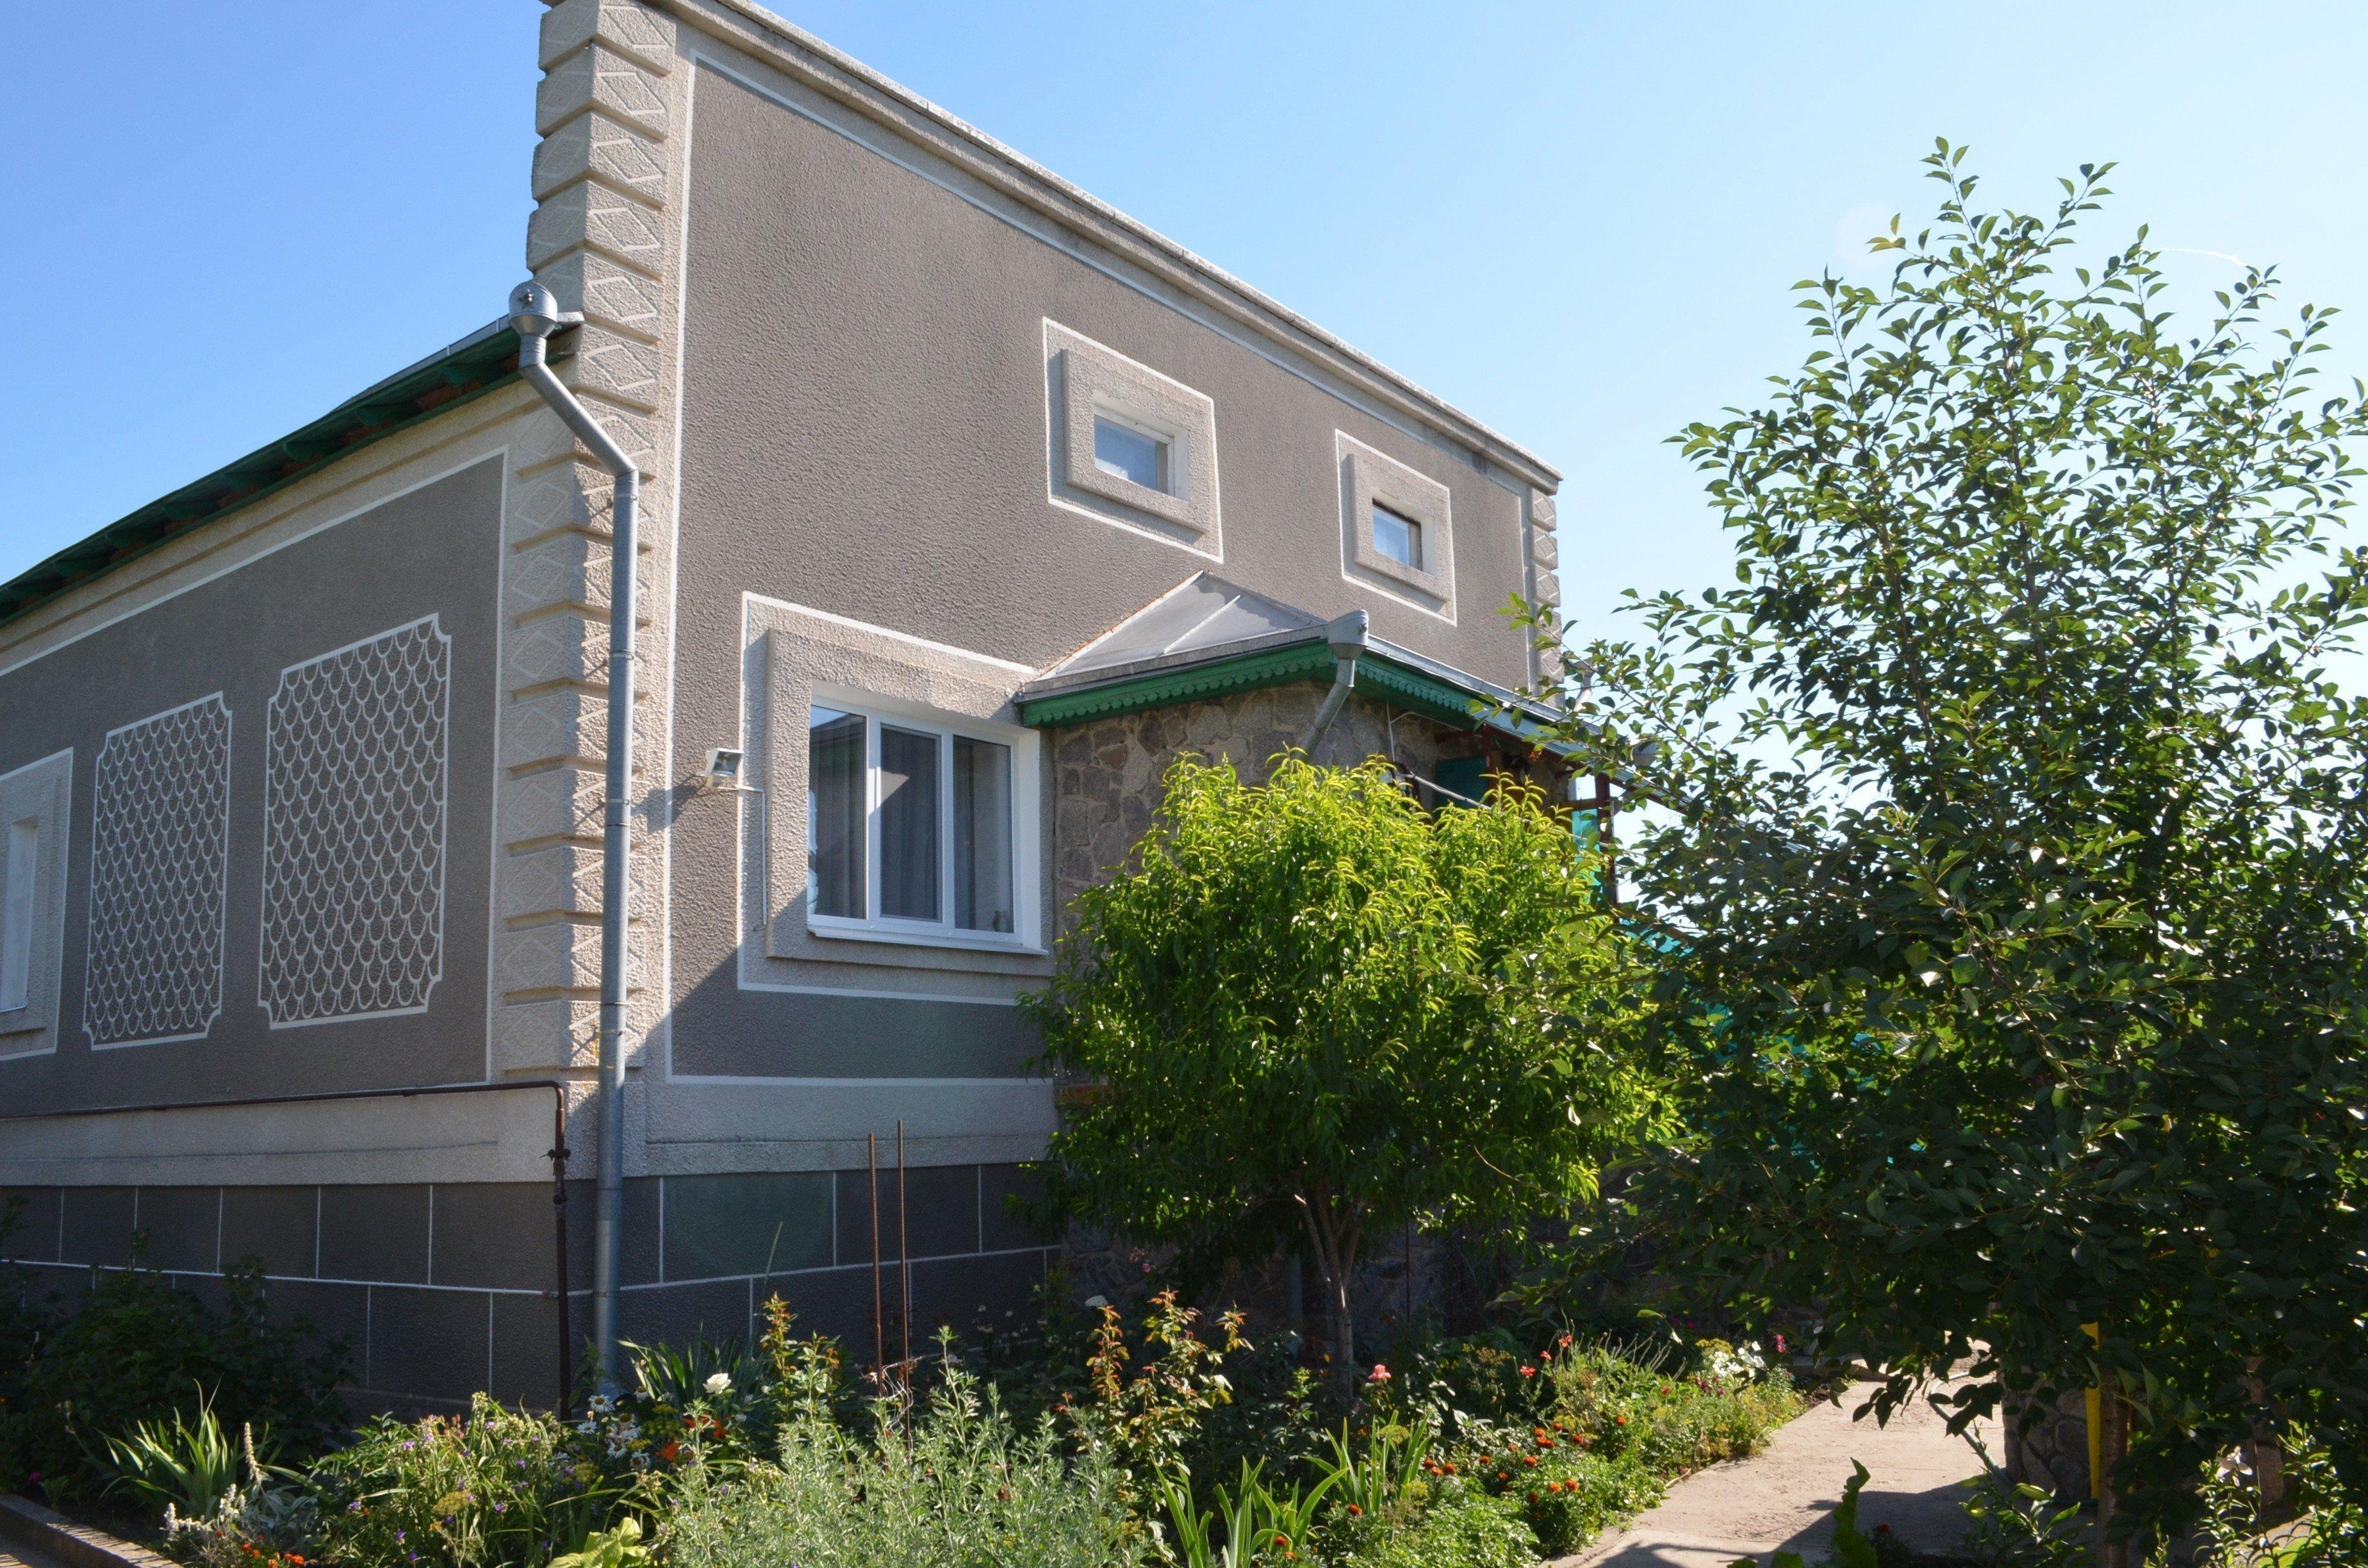 Продам дом в городе Жуки. Объявление № 4836